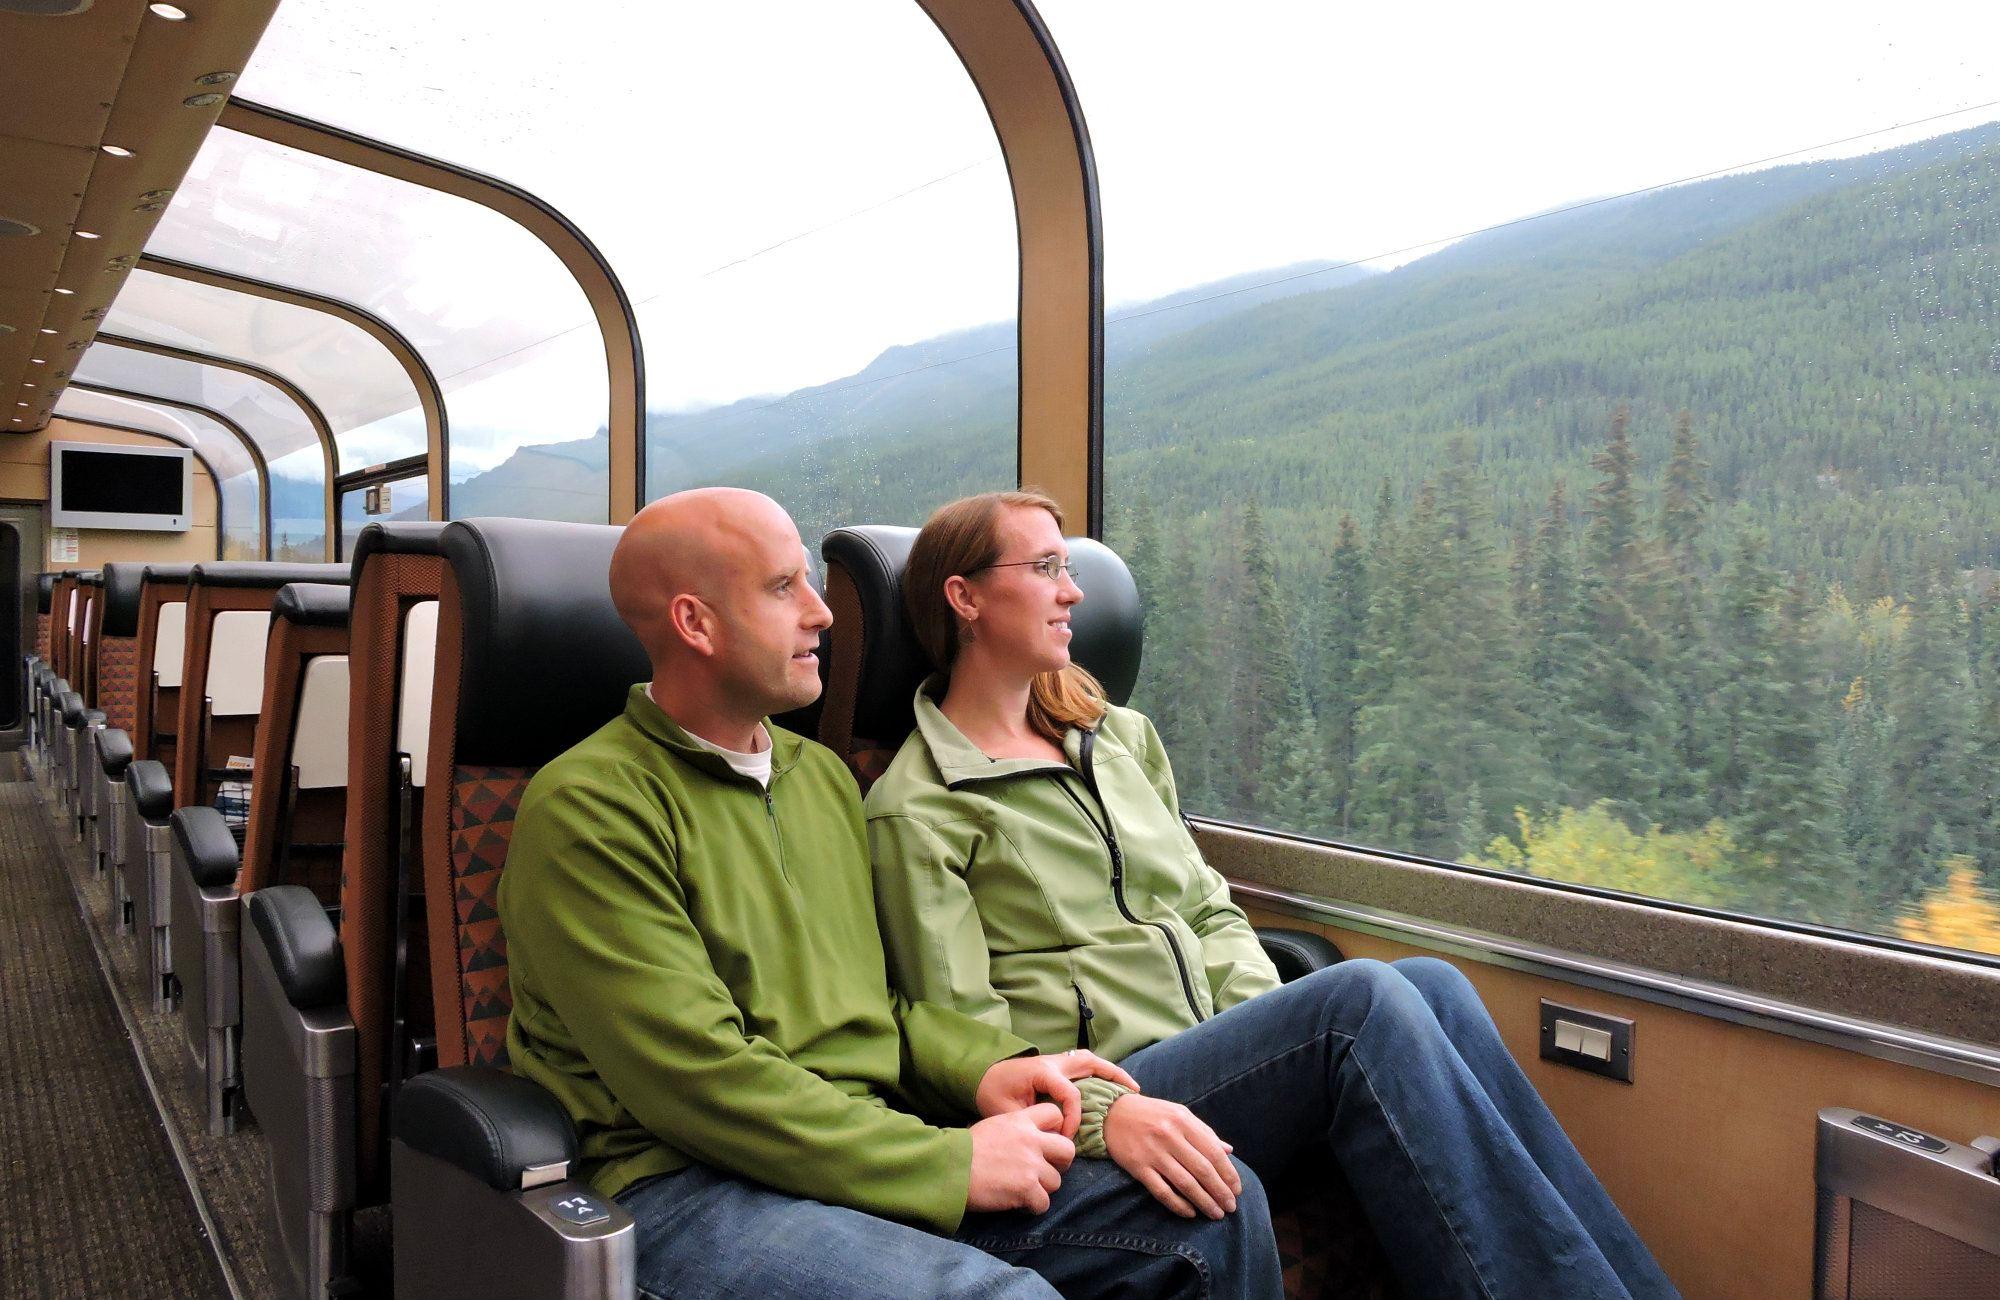 Как посмотреть всю Канаду за 5 дней: путешествием на поезде за границей